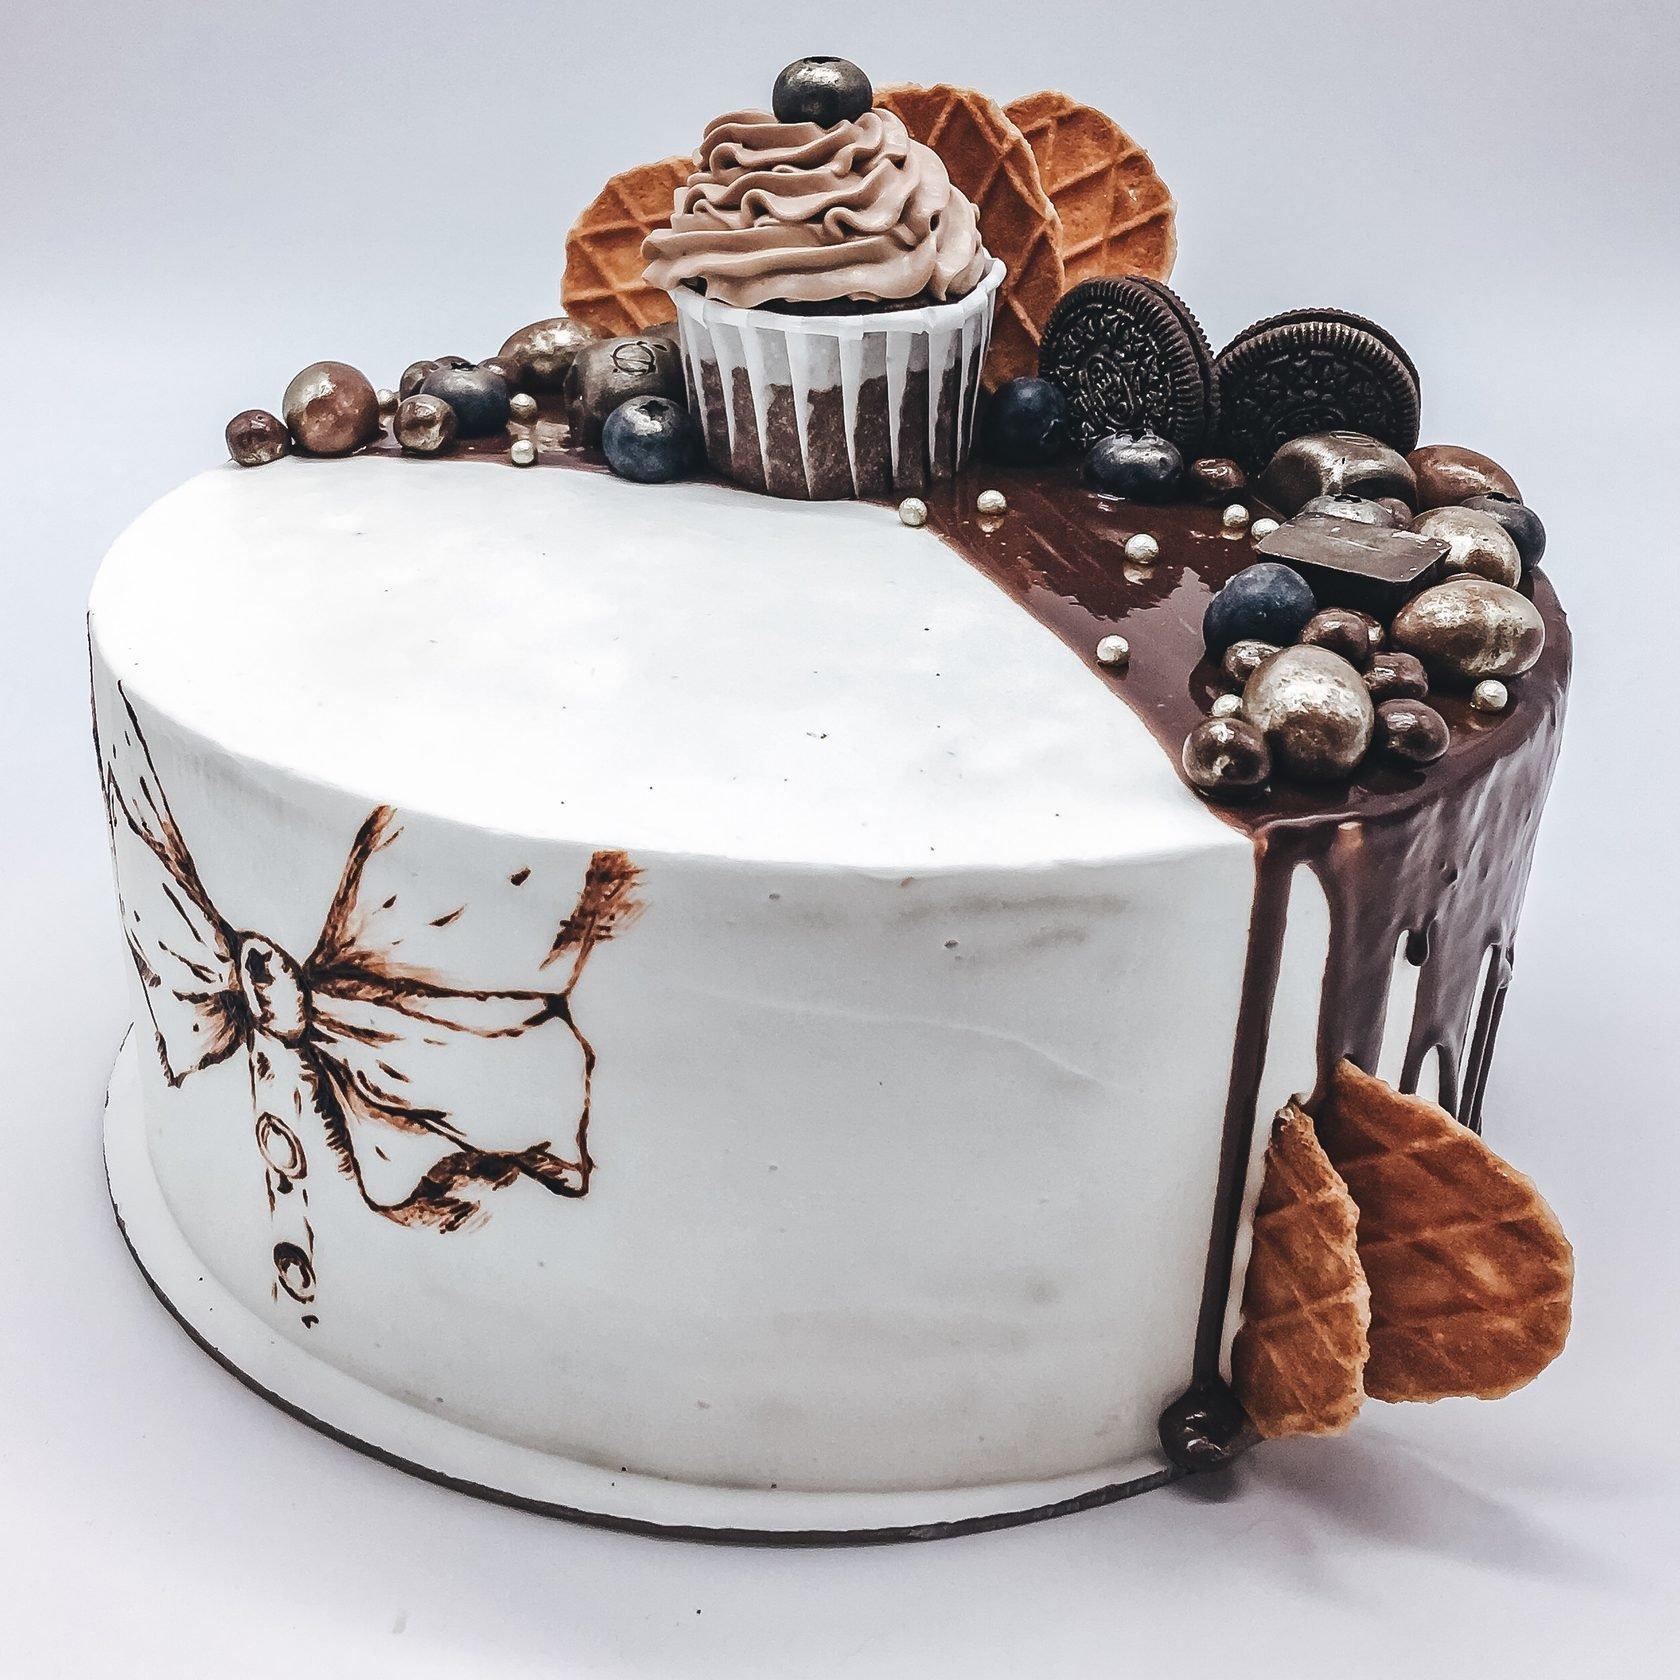 торт для мужчин картинки форма